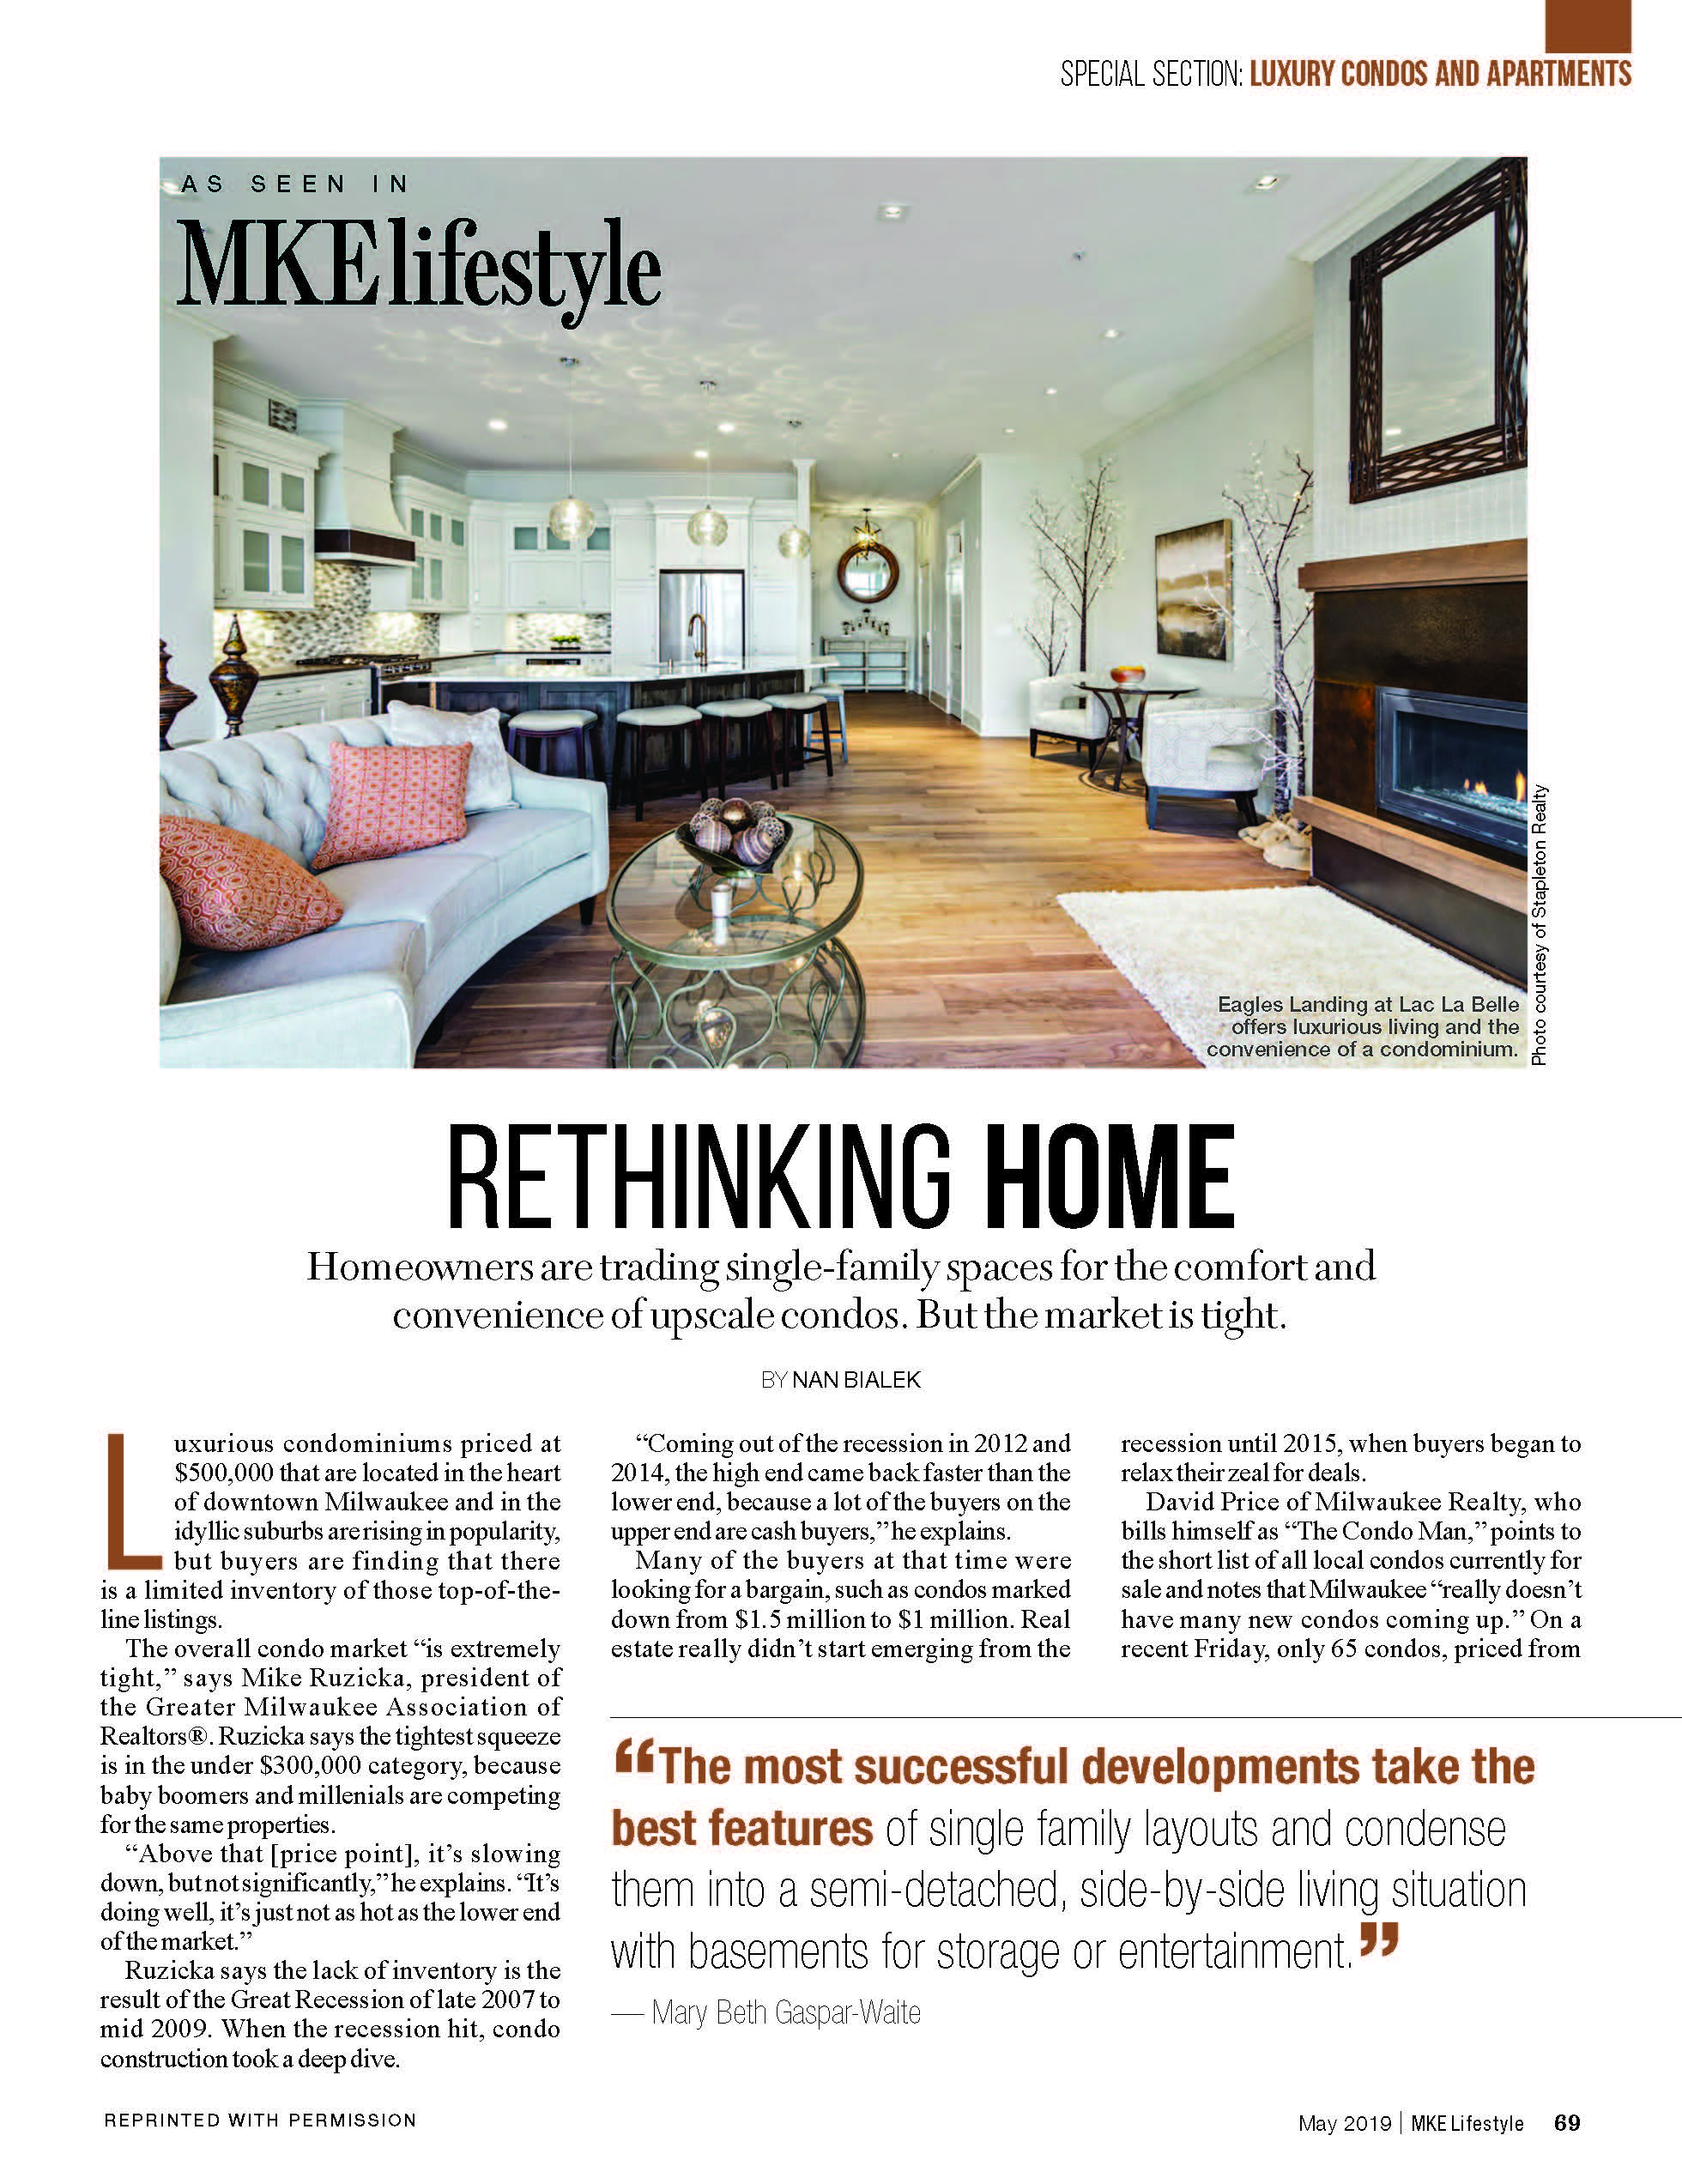 MKE Lifestyle_May 2019_Rethinking Home-2_6426 1.jpg